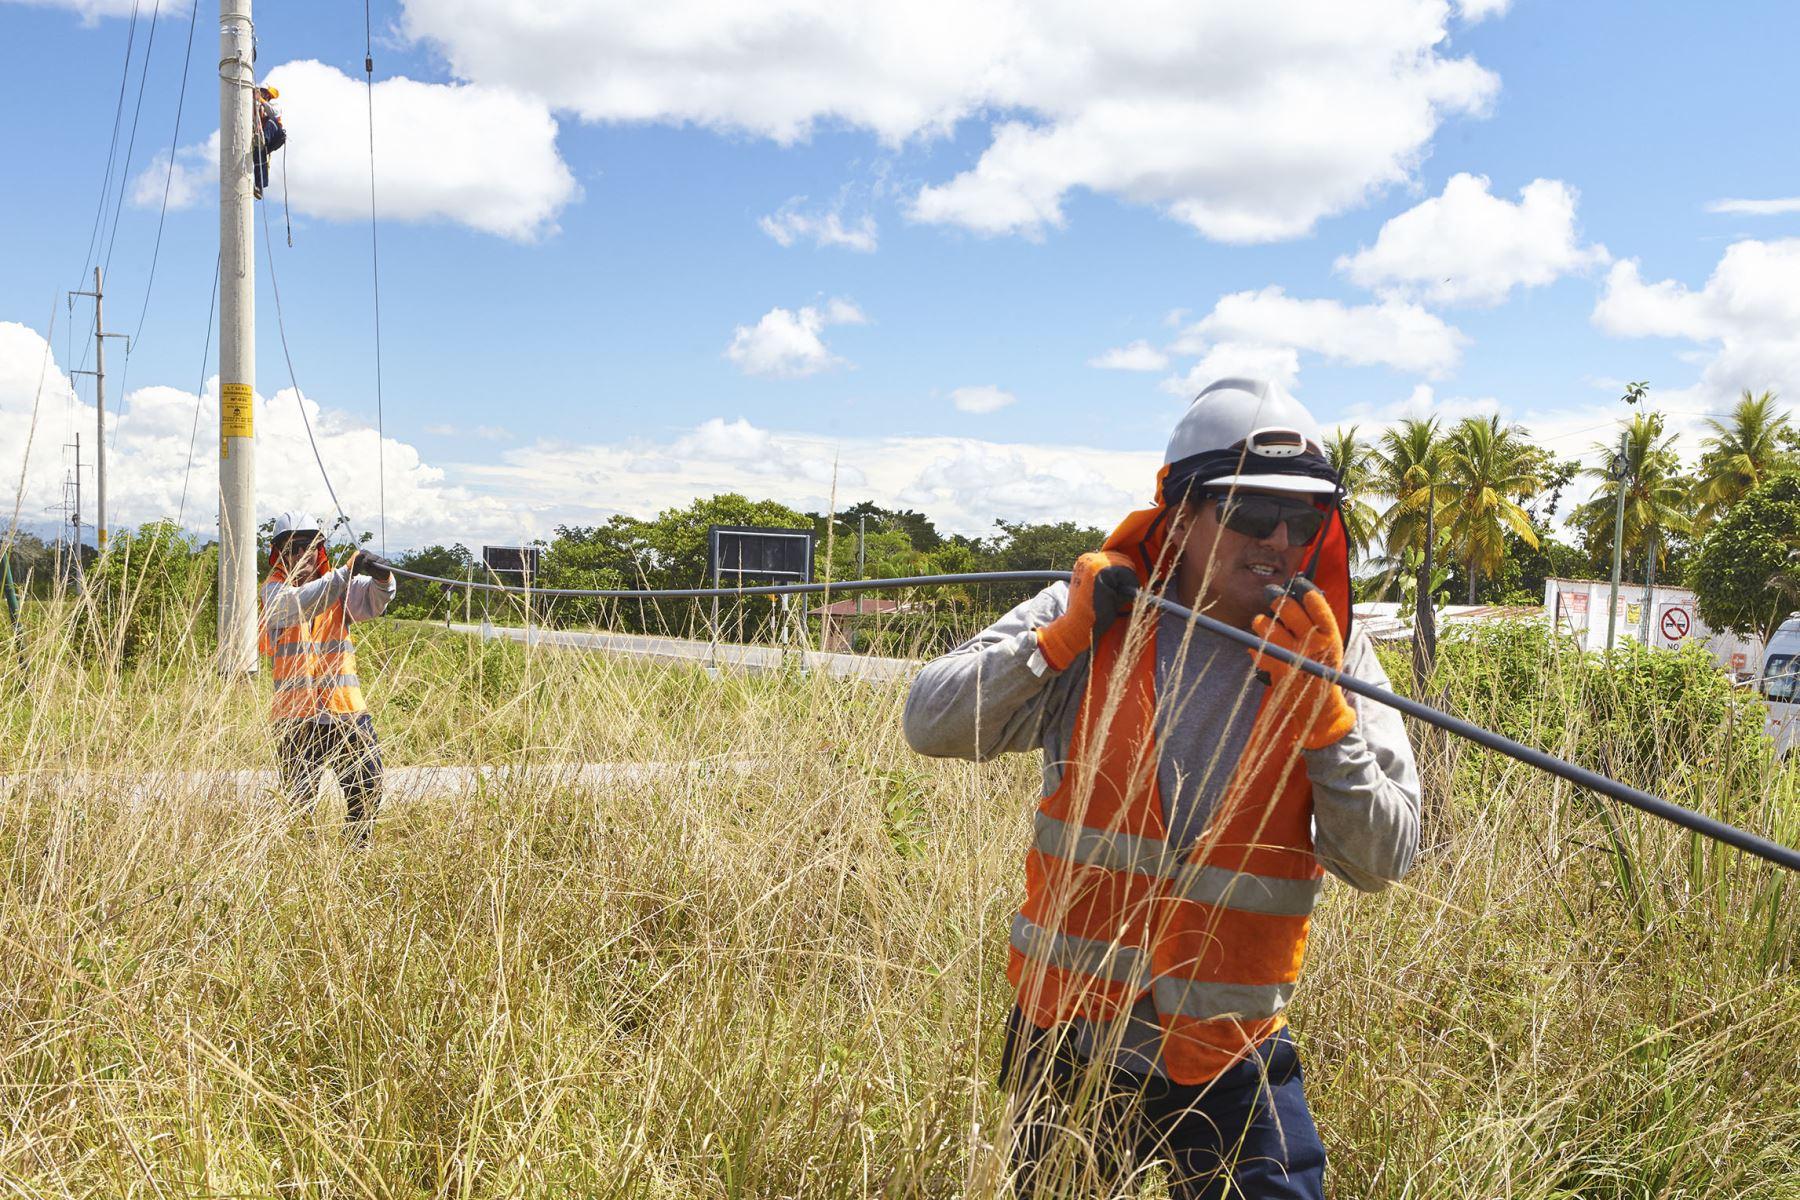 MTC destinará US$ 27 millones para proyecto de internet en zonas rurales de Moquegua. ANDINA/Difusión